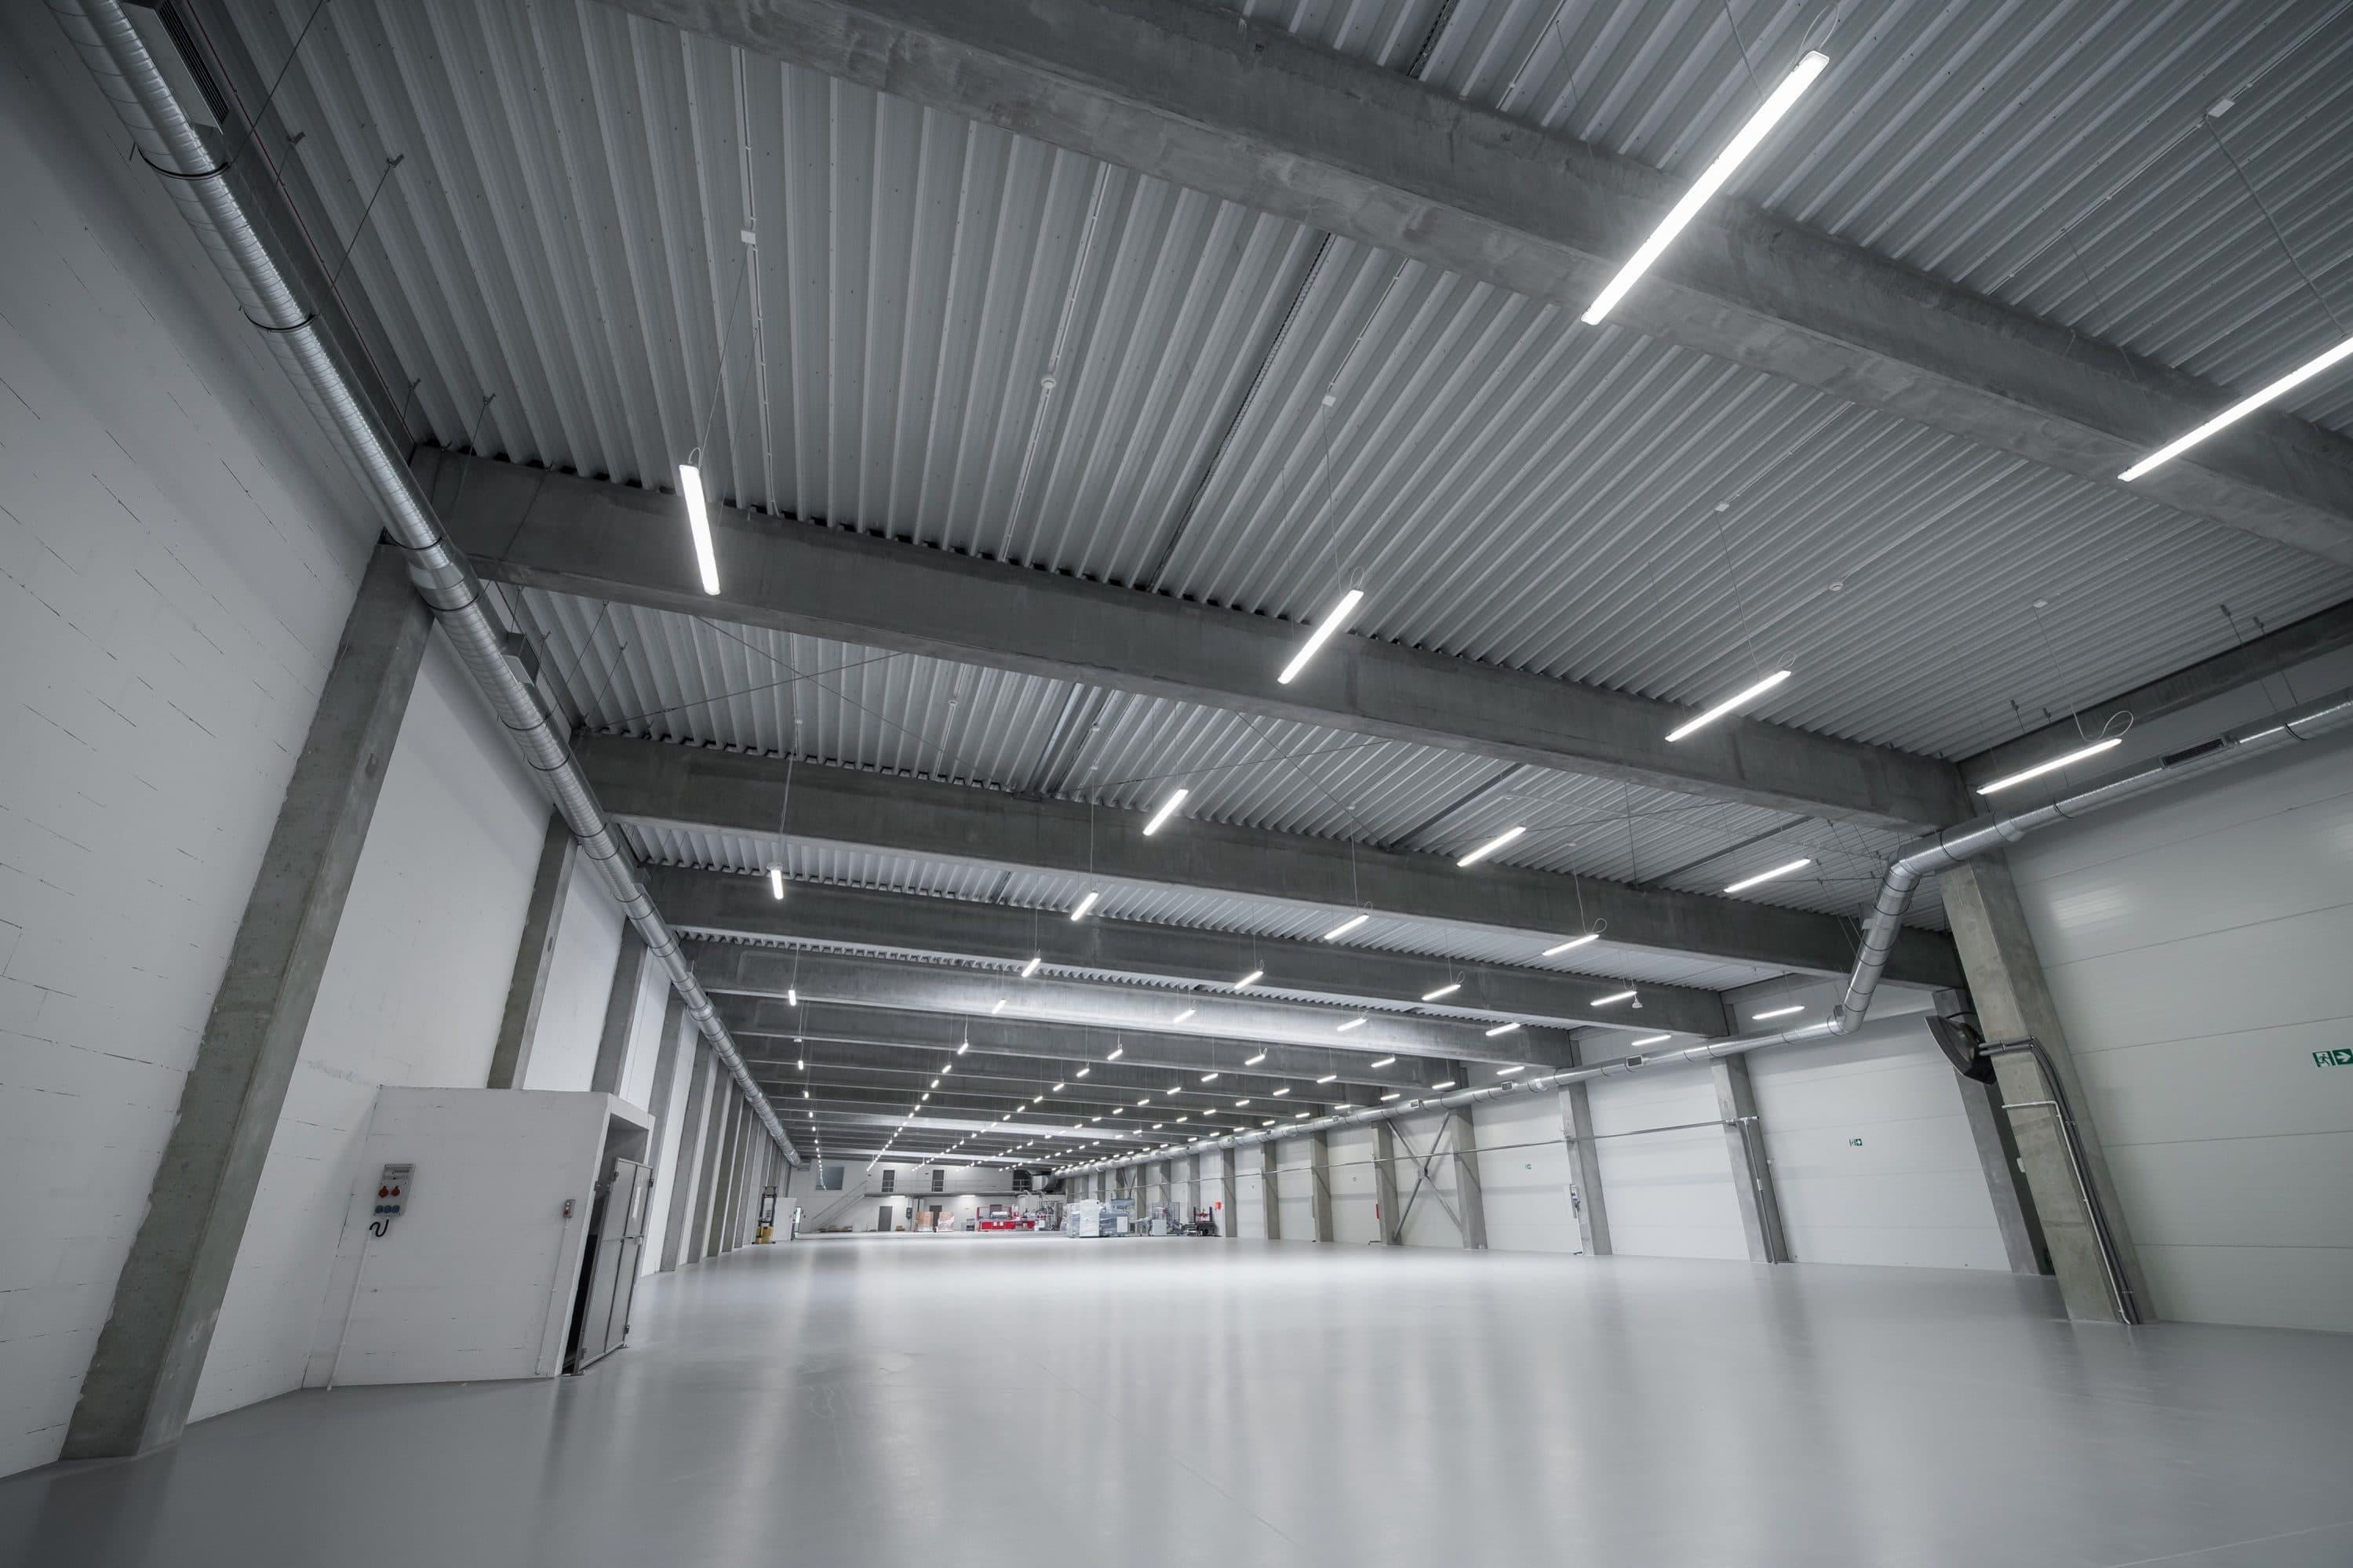 Oprawy przemysłowe Ultima w hali przemysłowej firmy Euroimpex - Luxon LED